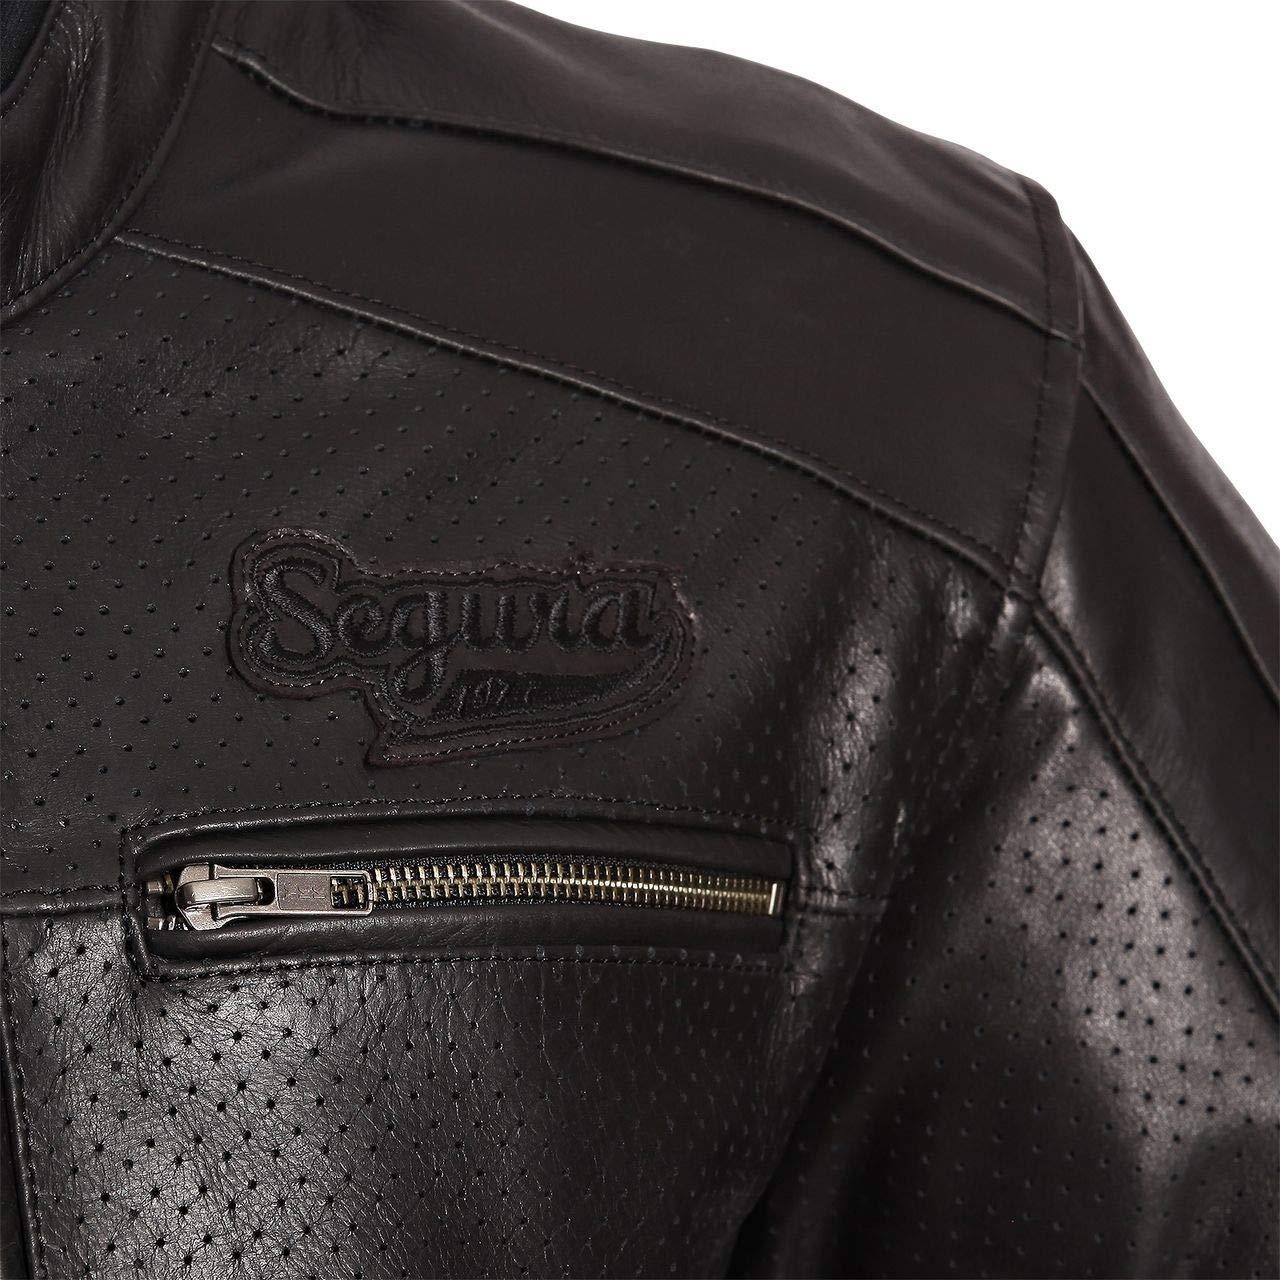 talla M Negro Segura scb1100/chaqueta moto